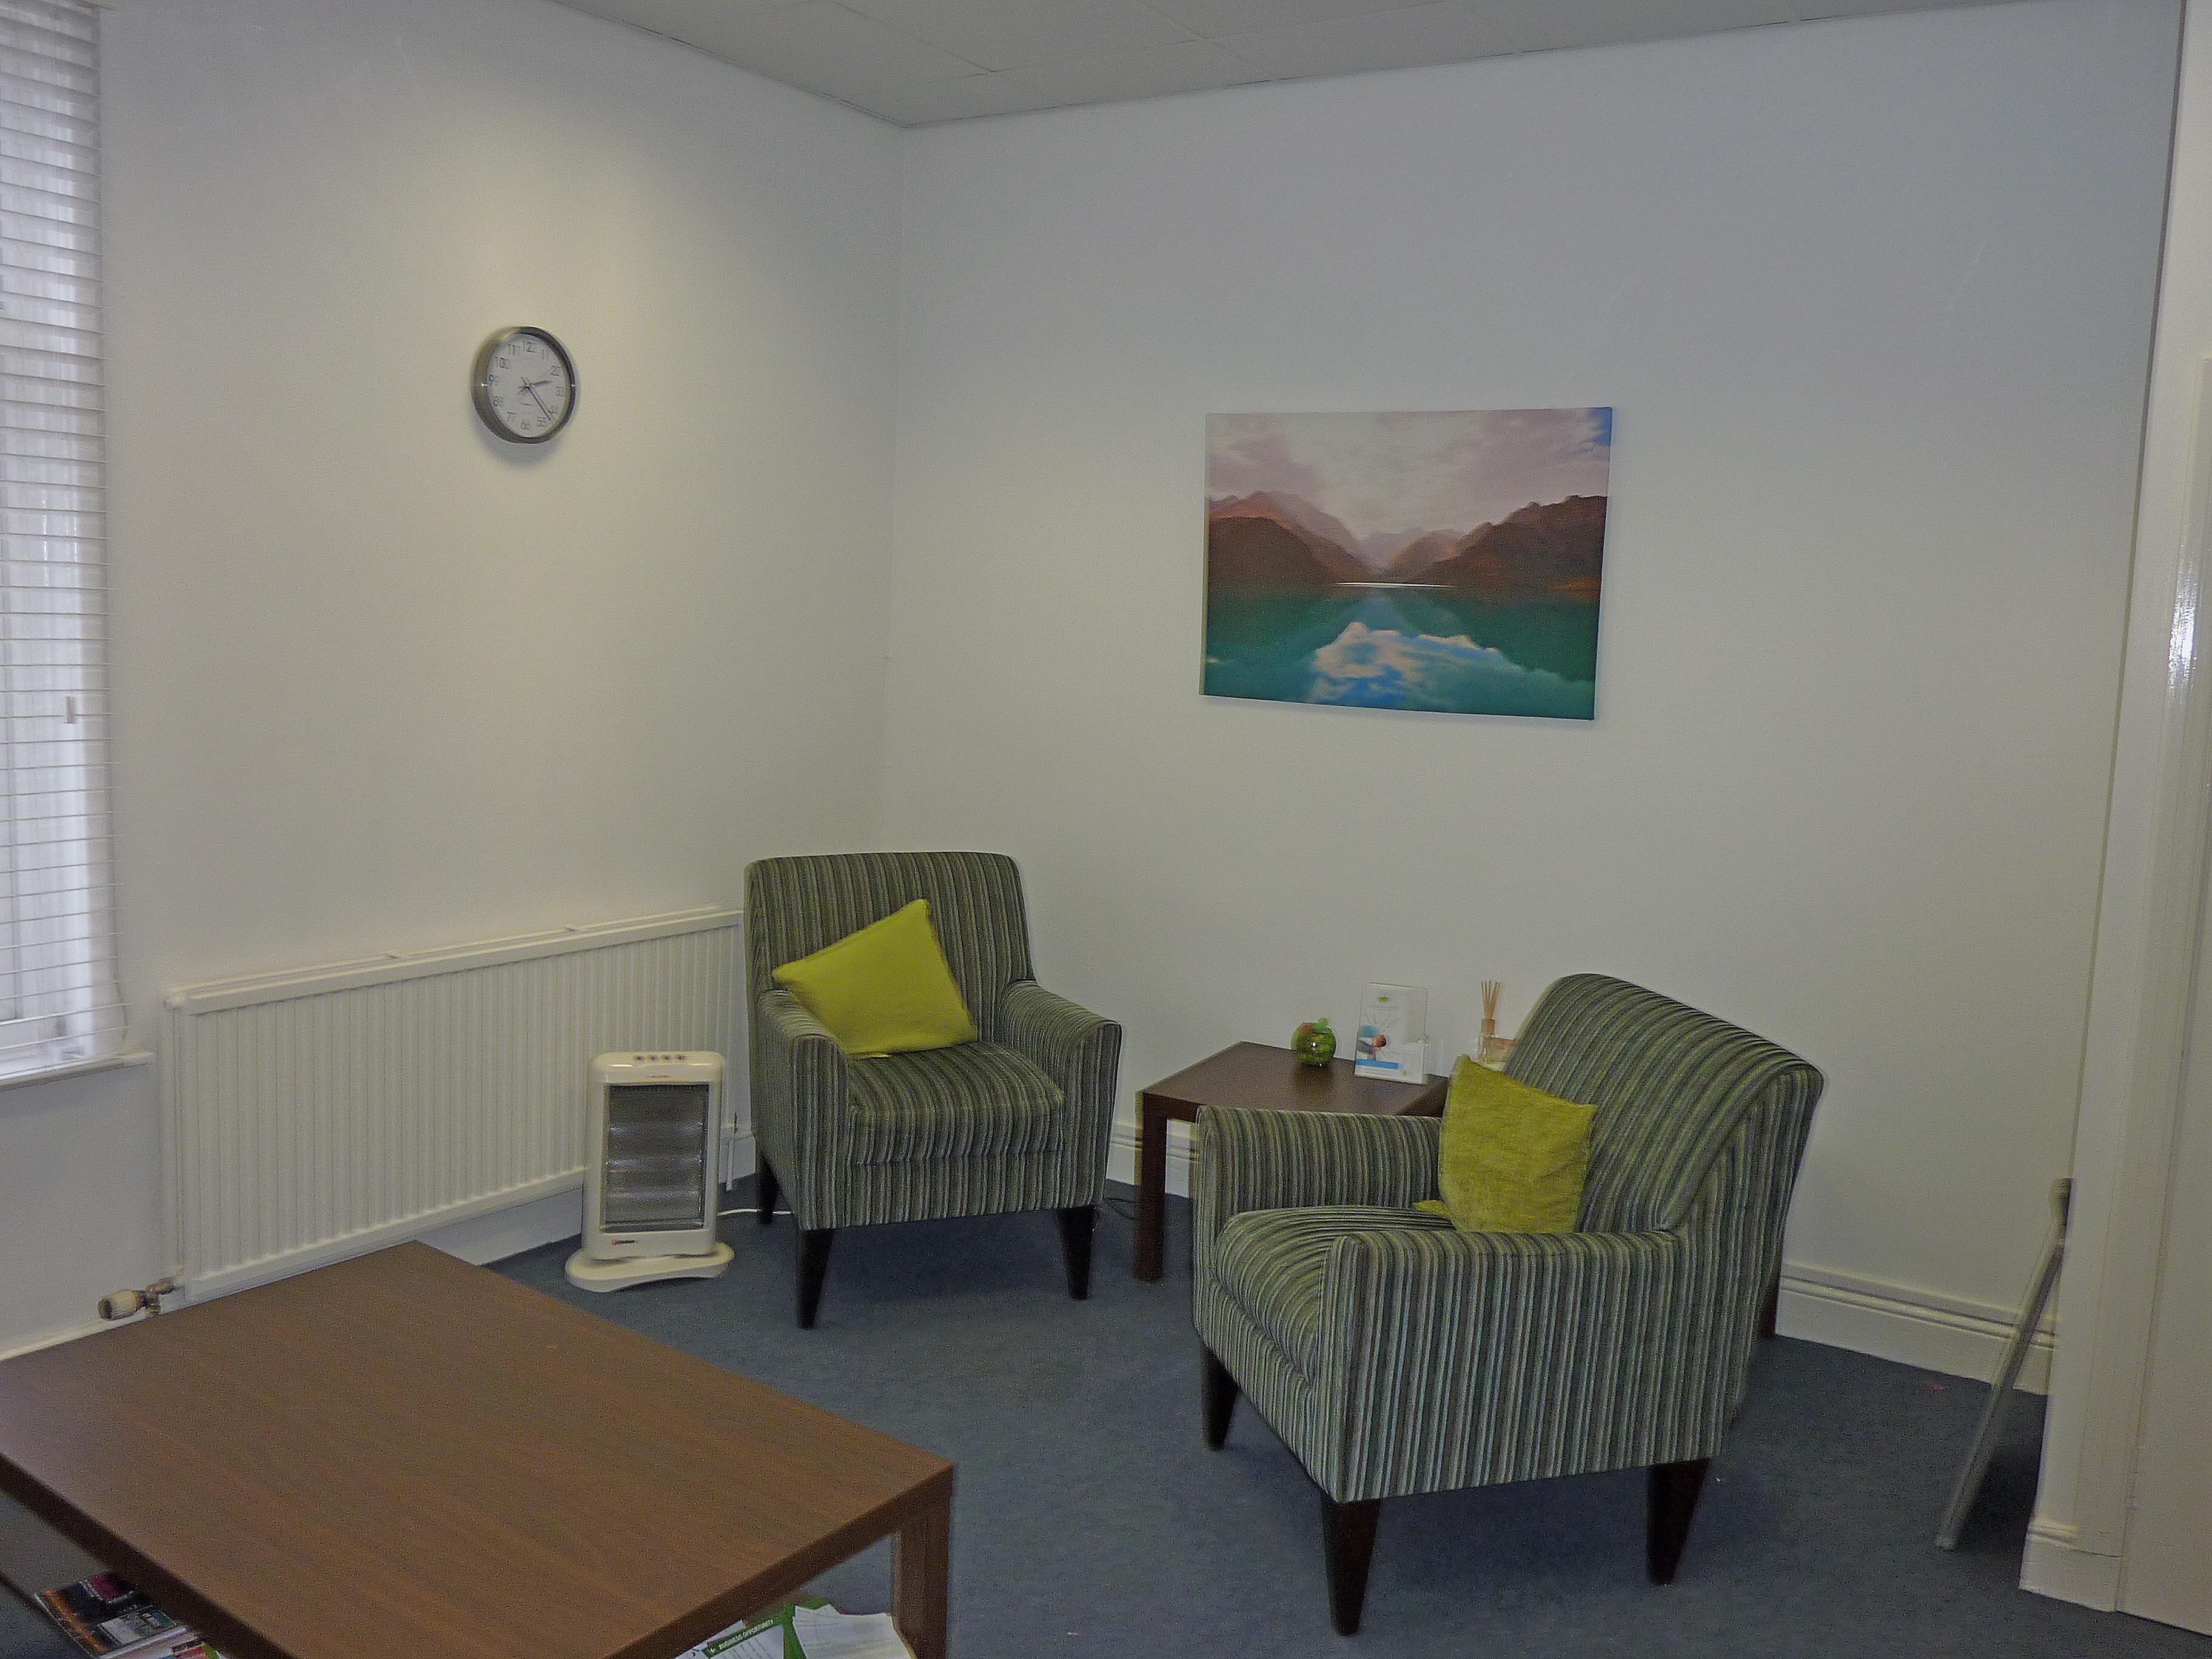 CBT room rental